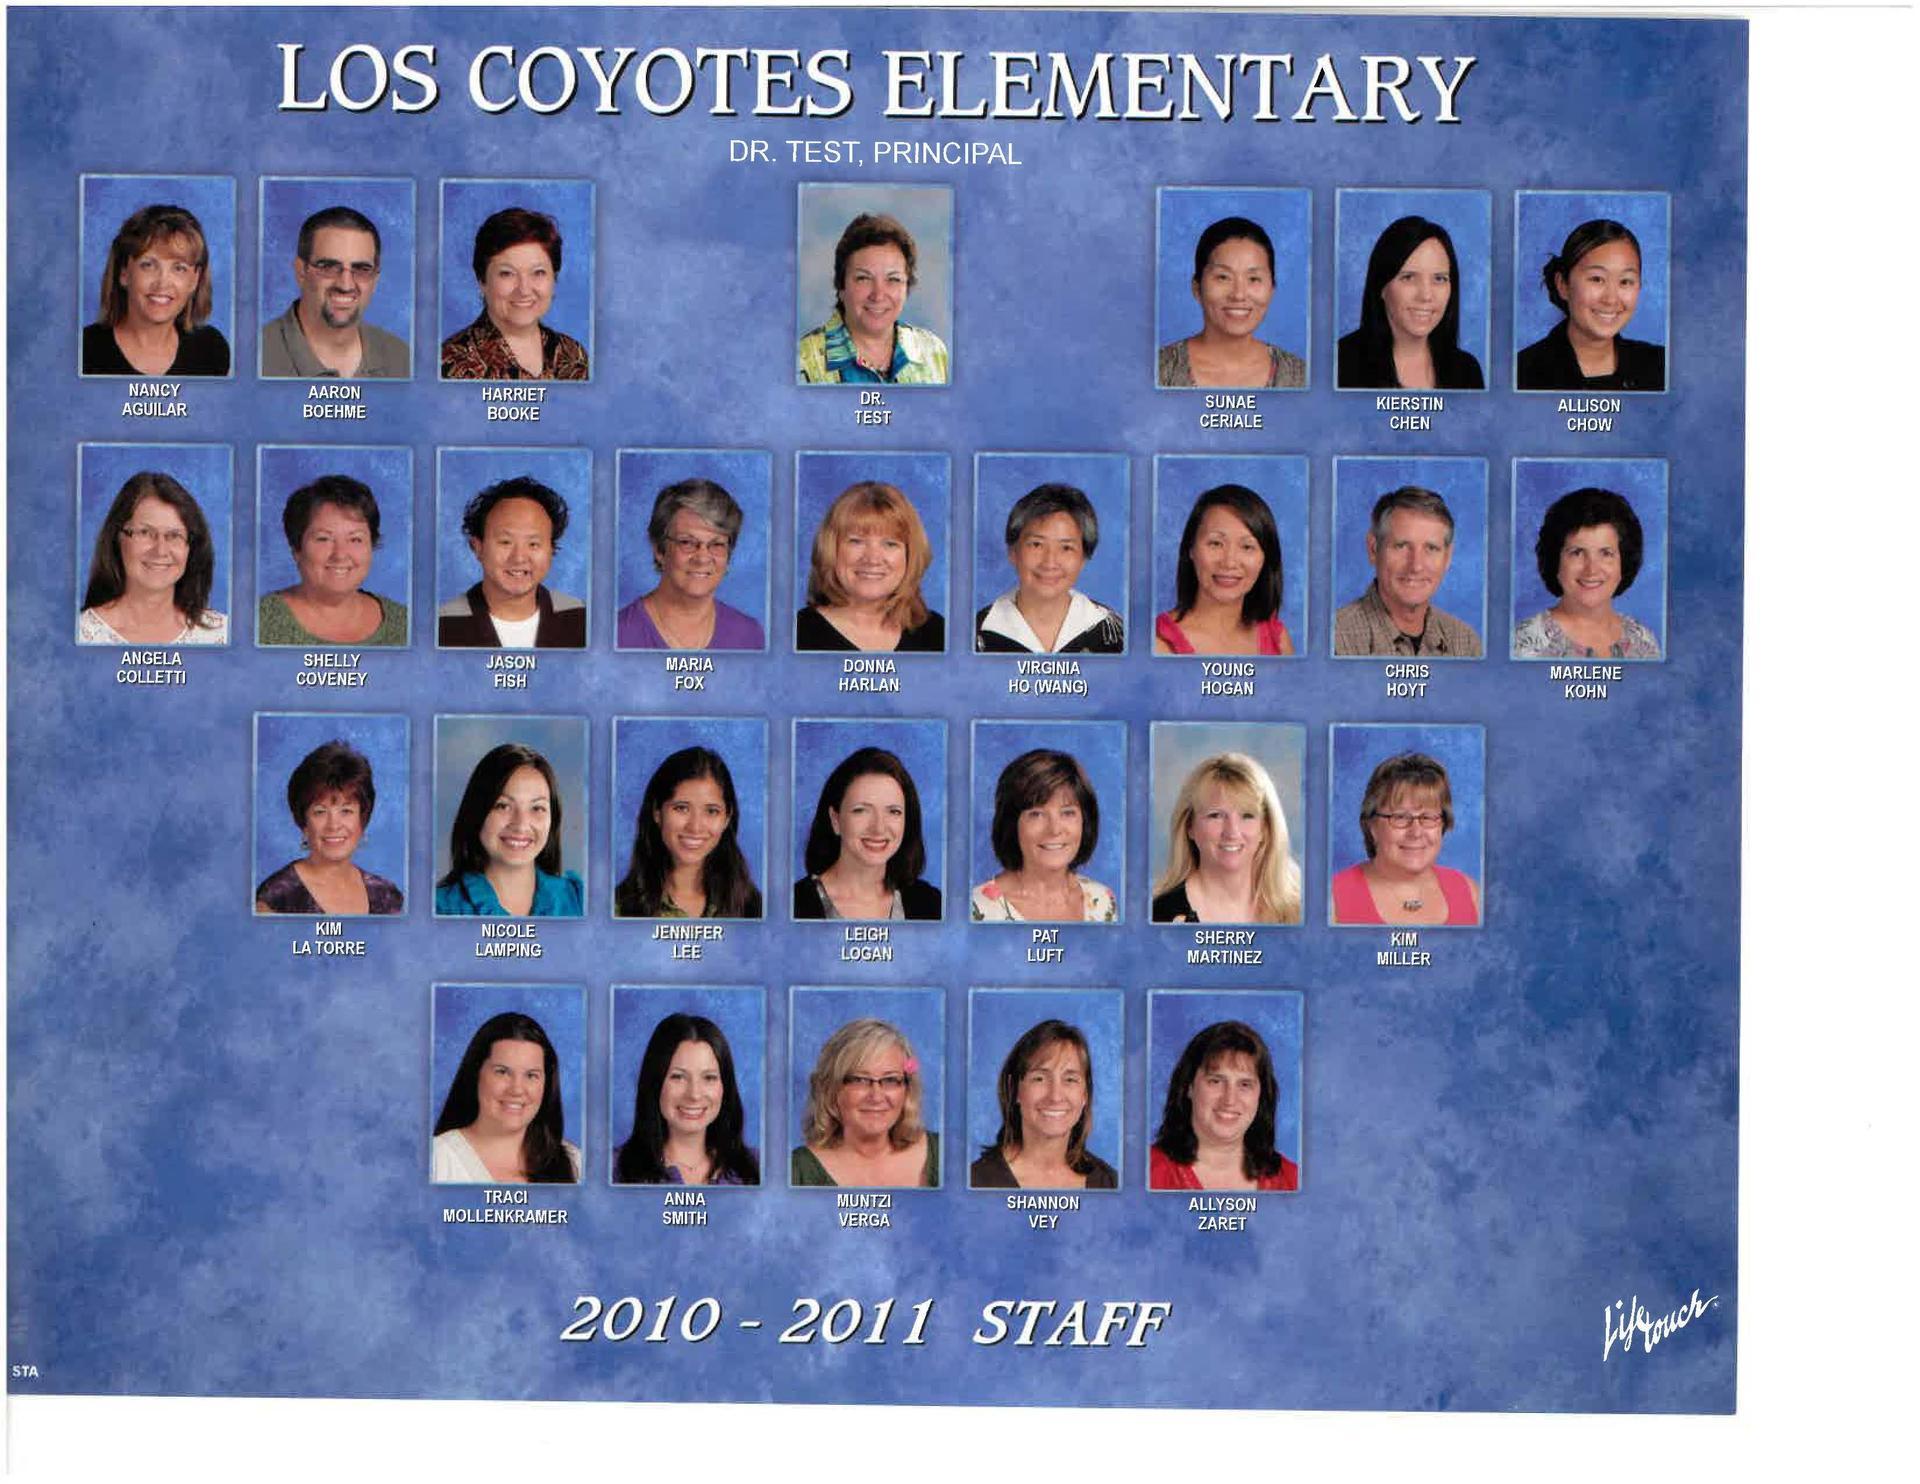 Los Coyotes Staff 2010